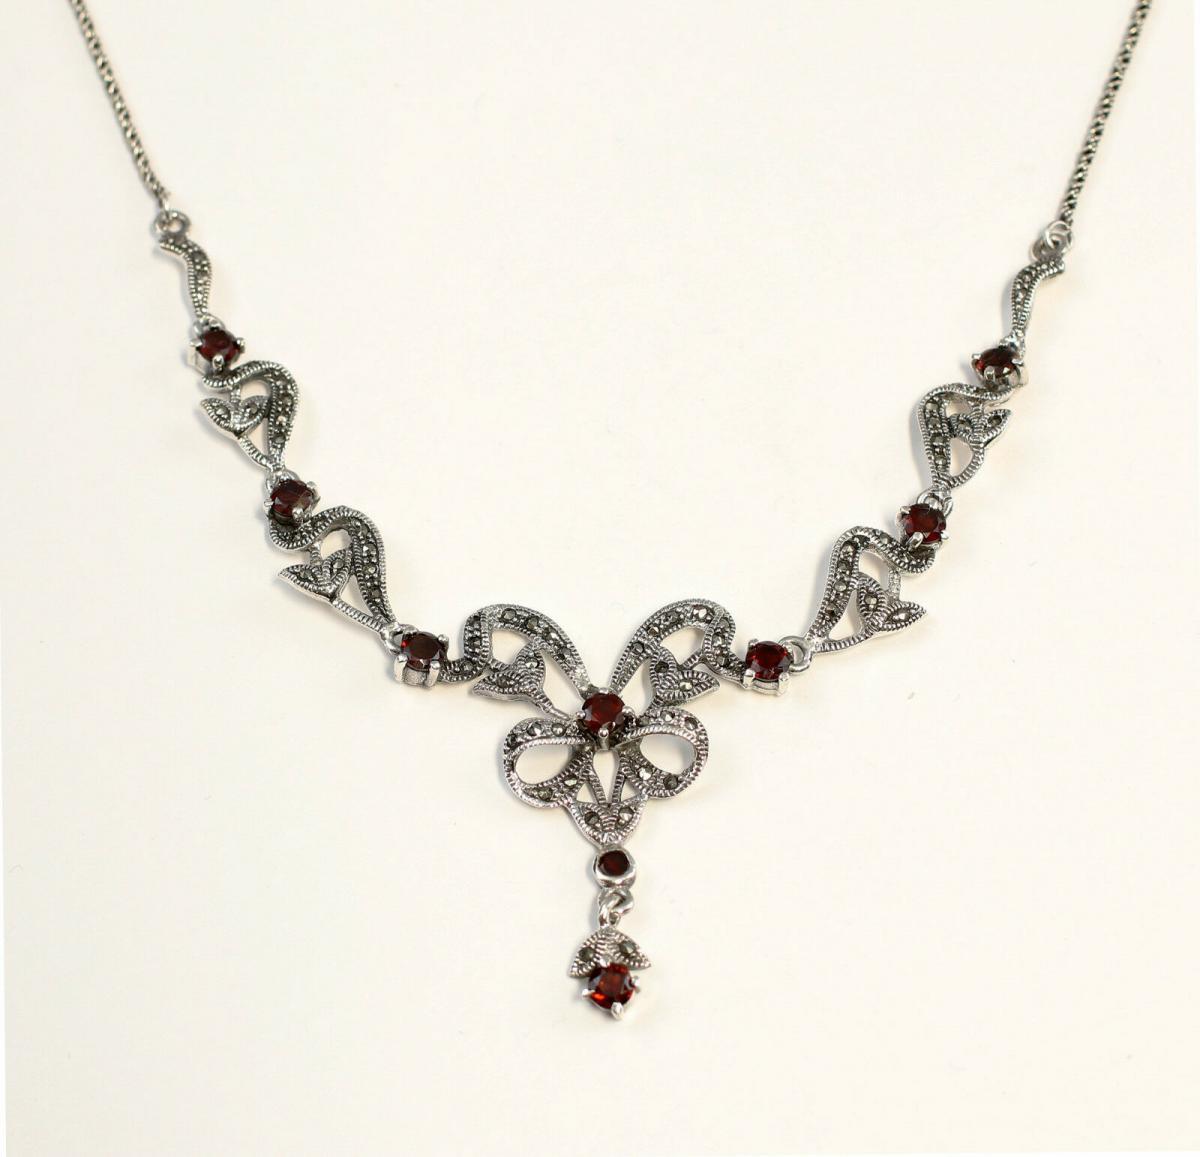 9927154 925er Silber Granat-Markasiten-Collier